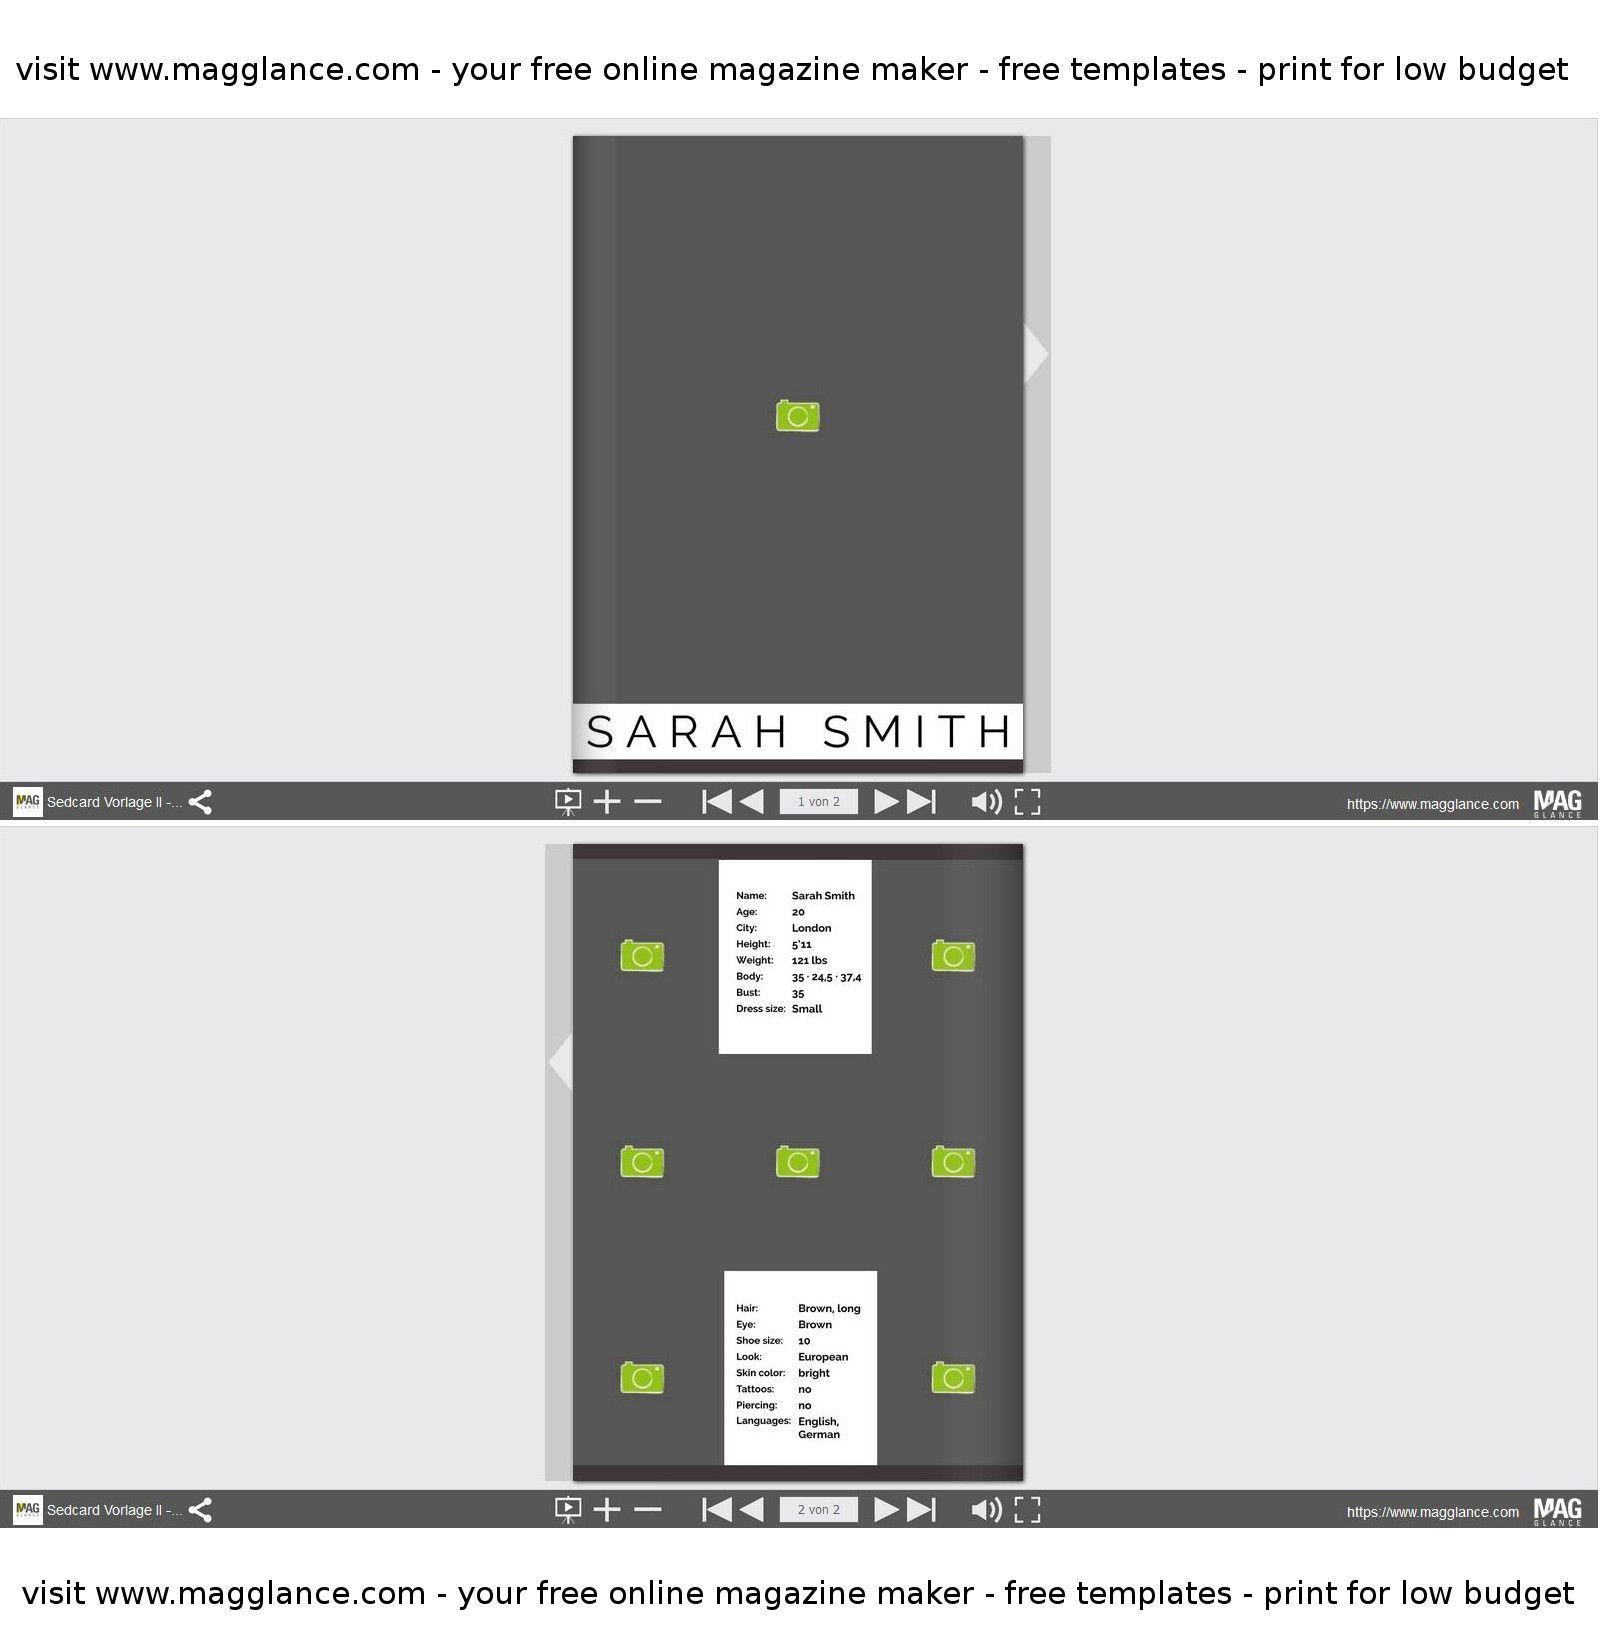 model oder schauspieler sedcard kostenlos online erstellen und g nstig drucken unter https de. Black Bedroom Furniture Sets. Home Design Ideas